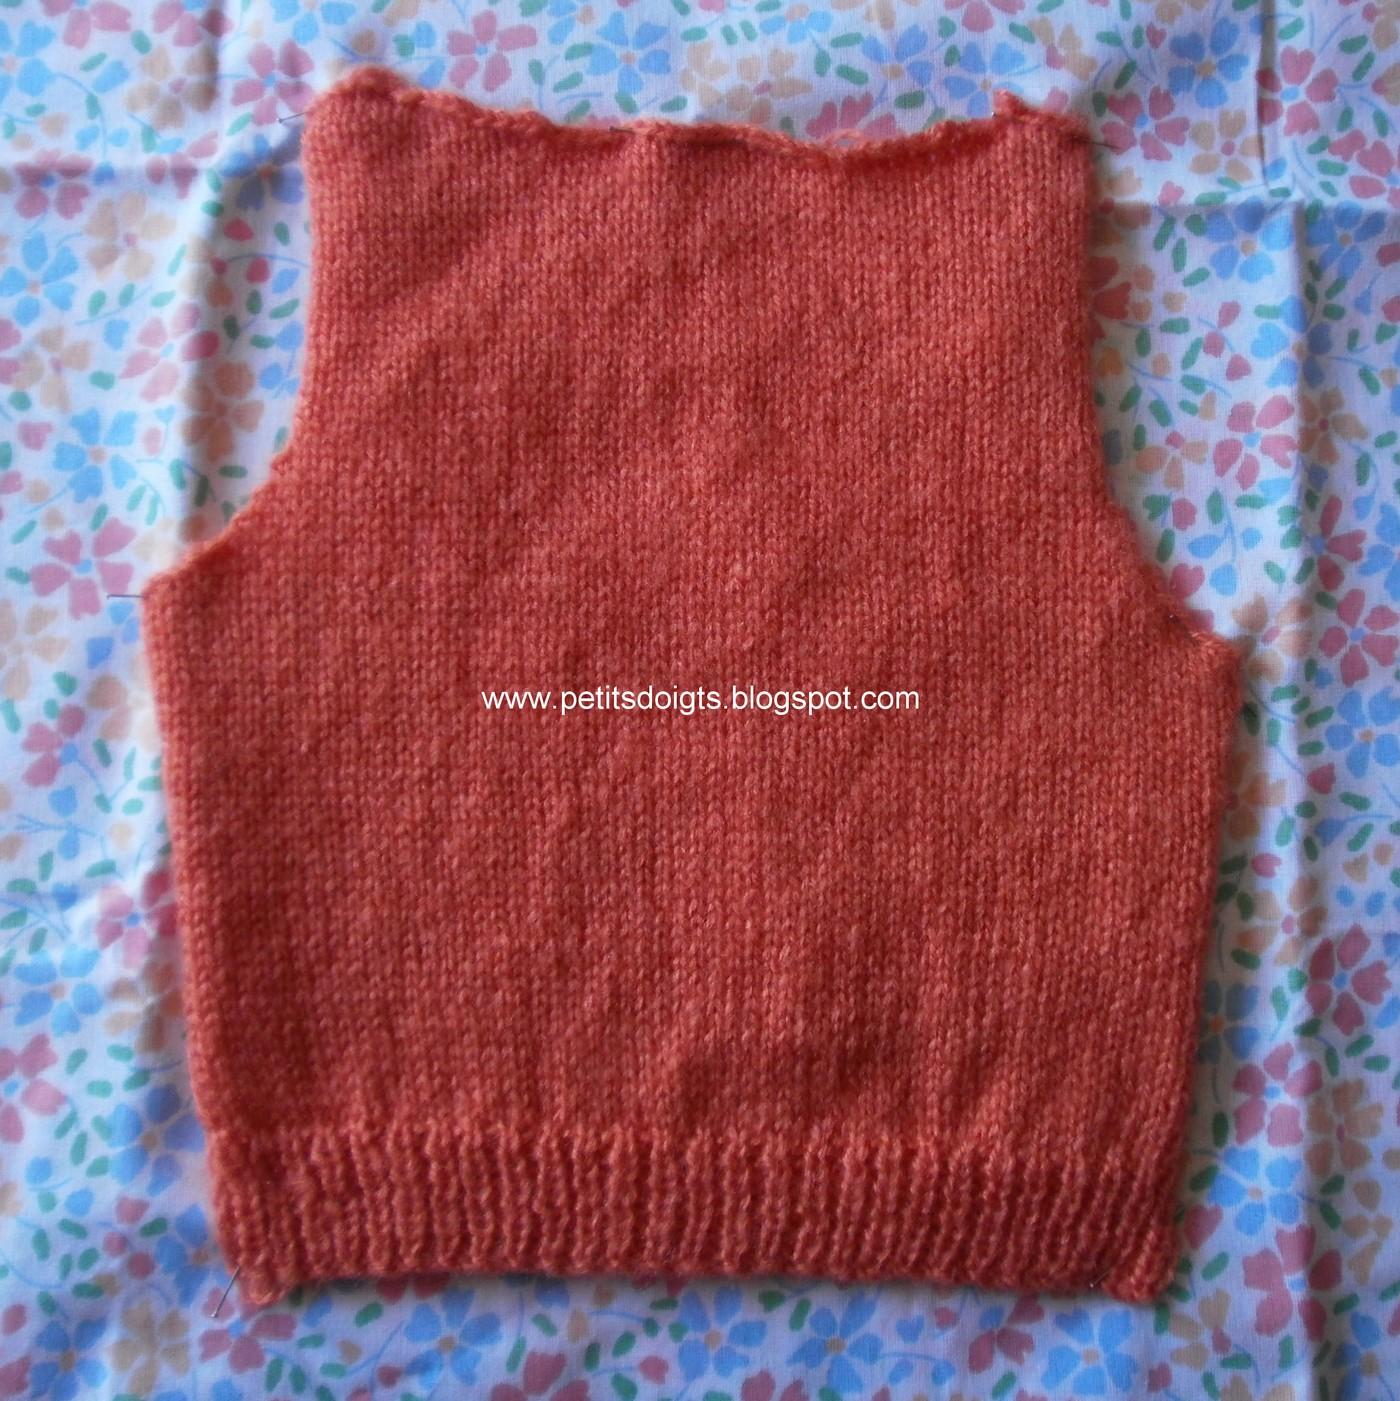 Petits doigts octobre 2012 - Faire une boutonniere au tricot ...